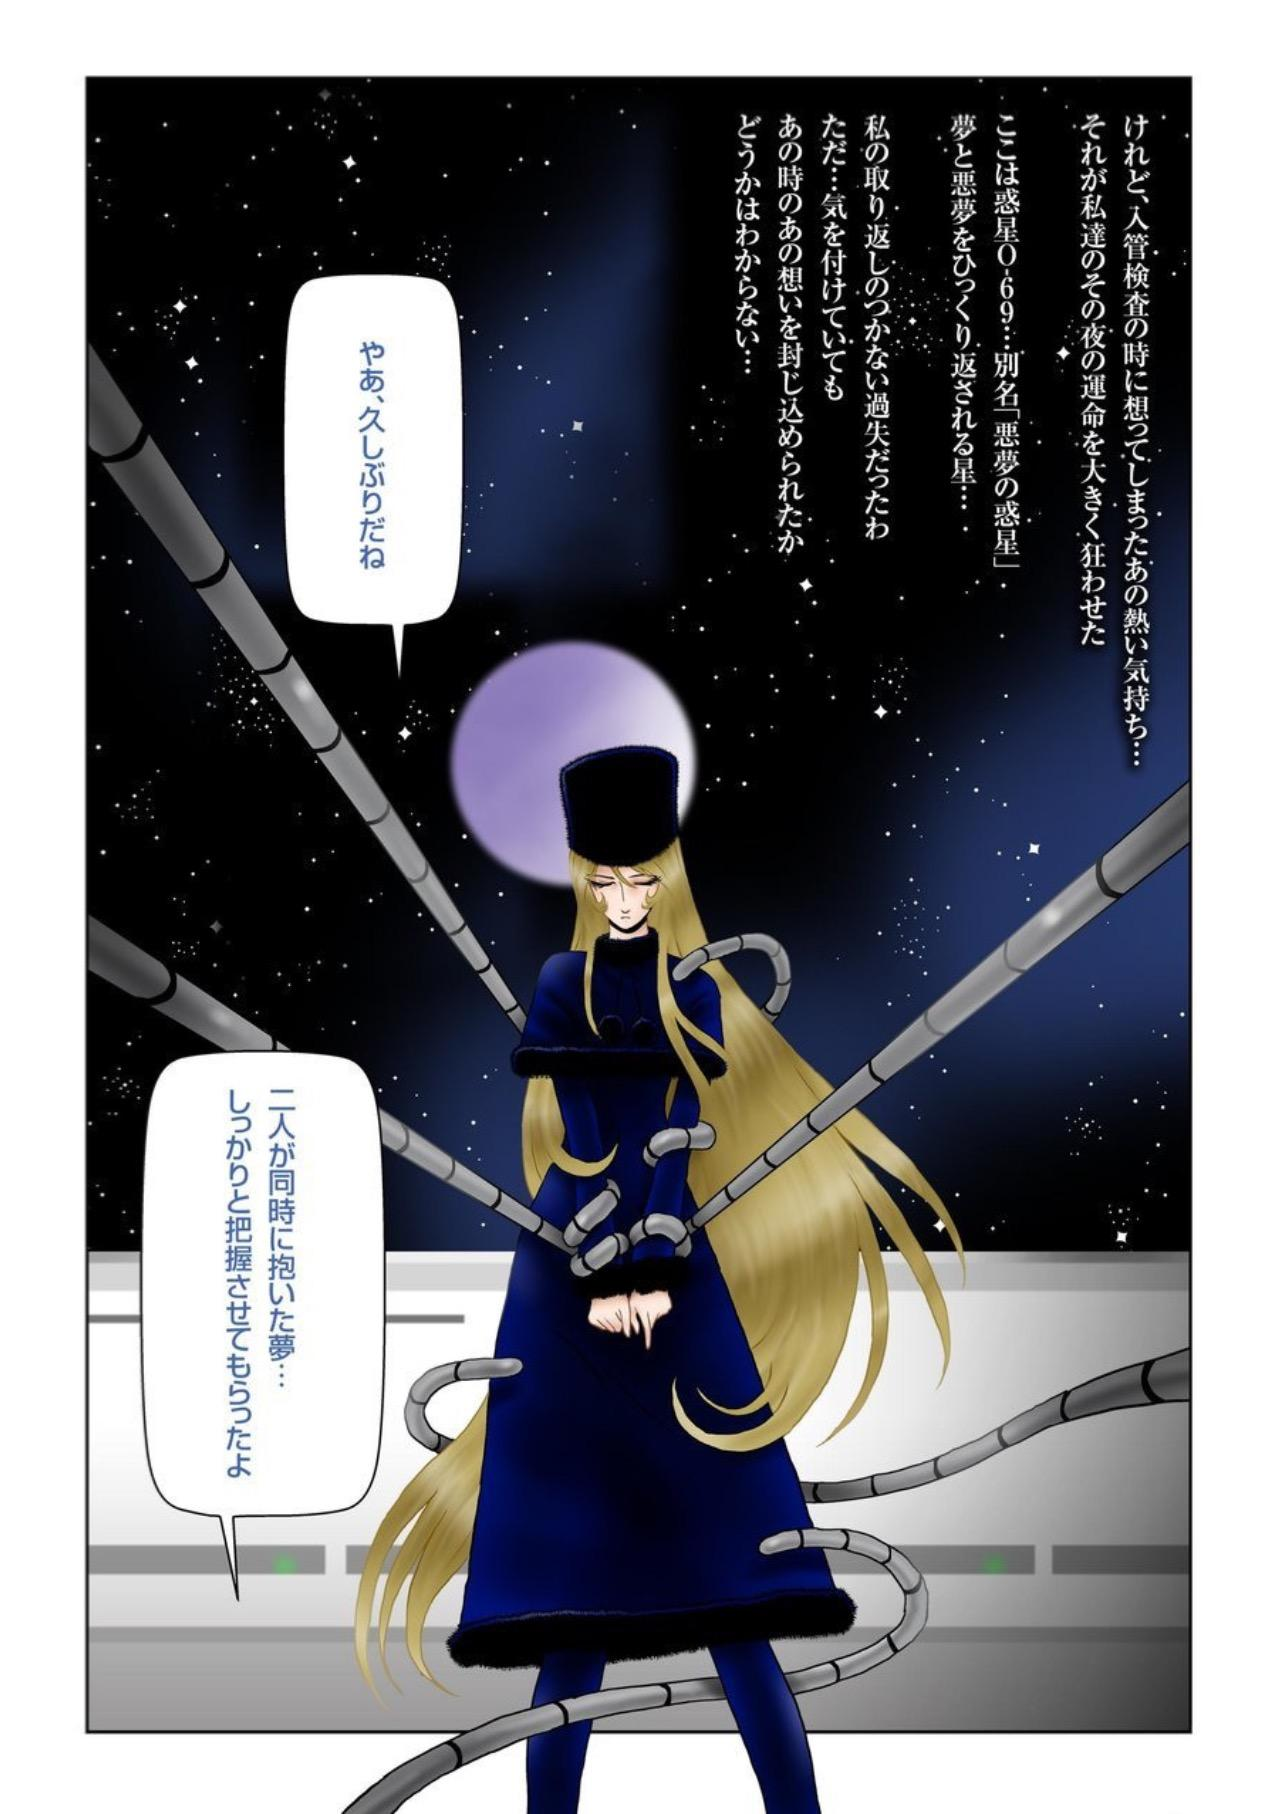 Ginga no Tabi 999-nichime no Yoru 8